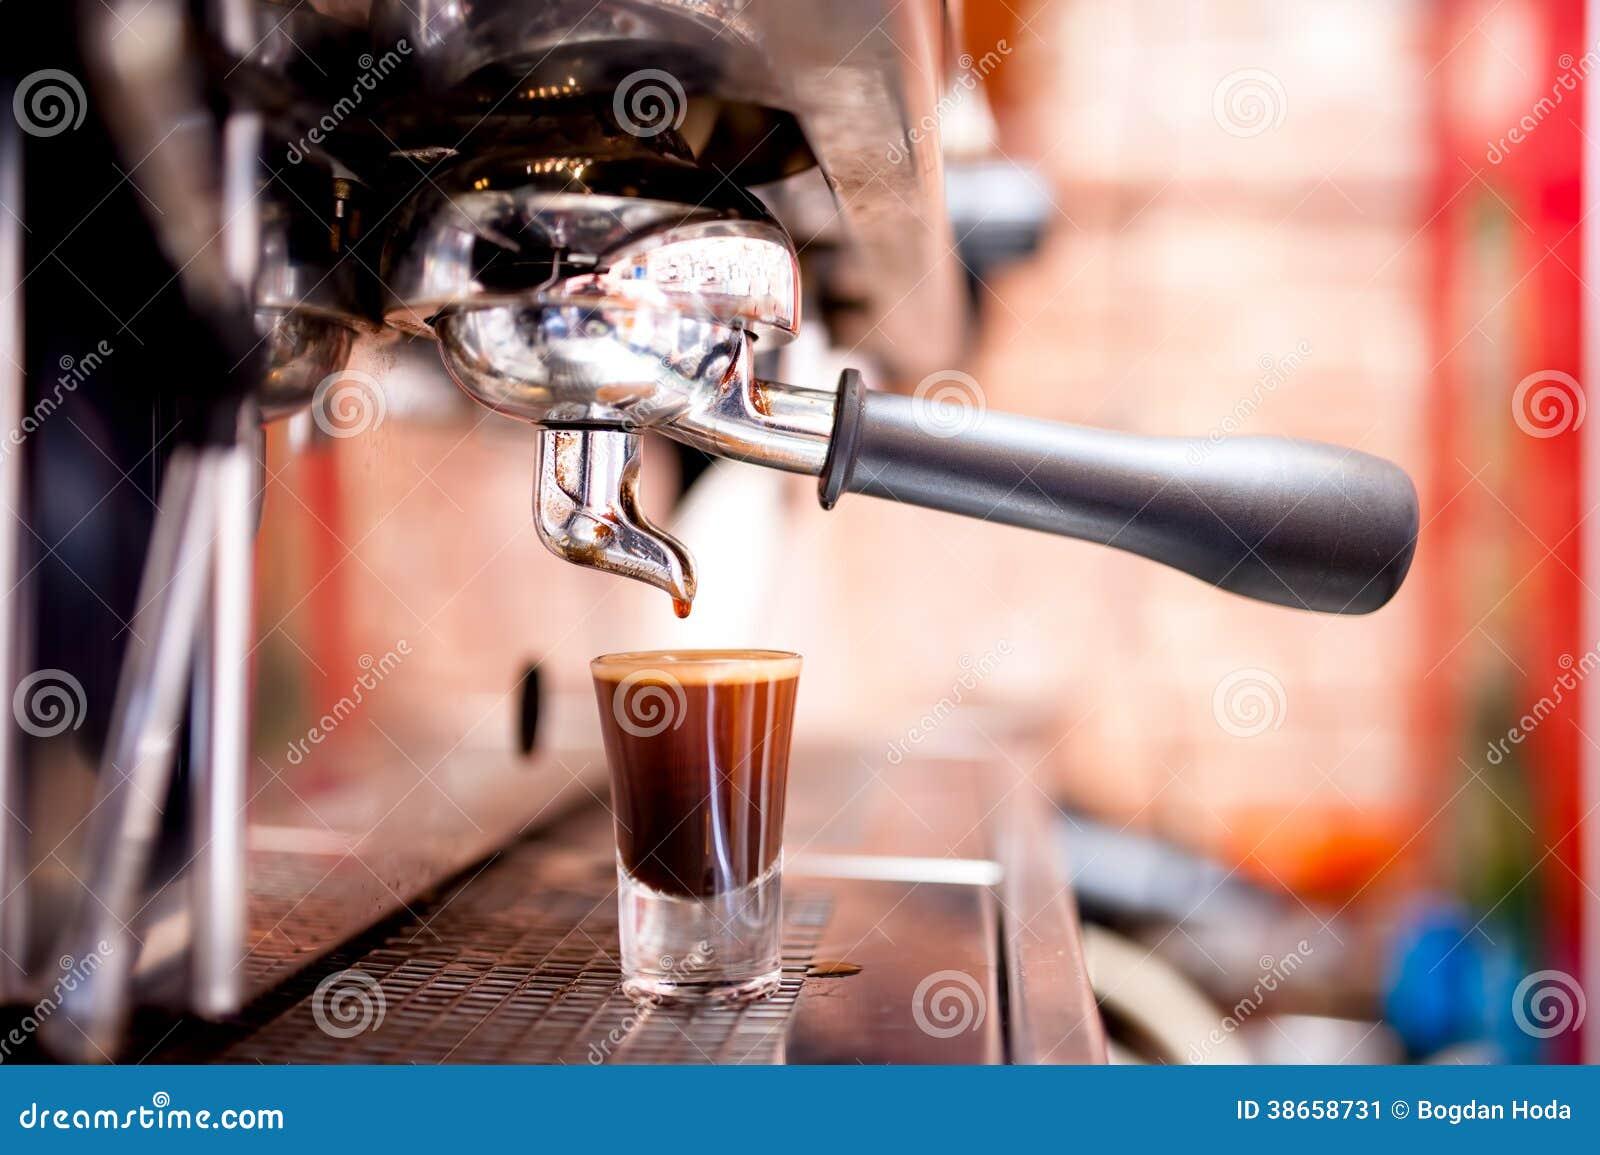 Μηχανή Espresso που κατασκευάζει τον ειδικό ισχυρό καφέ